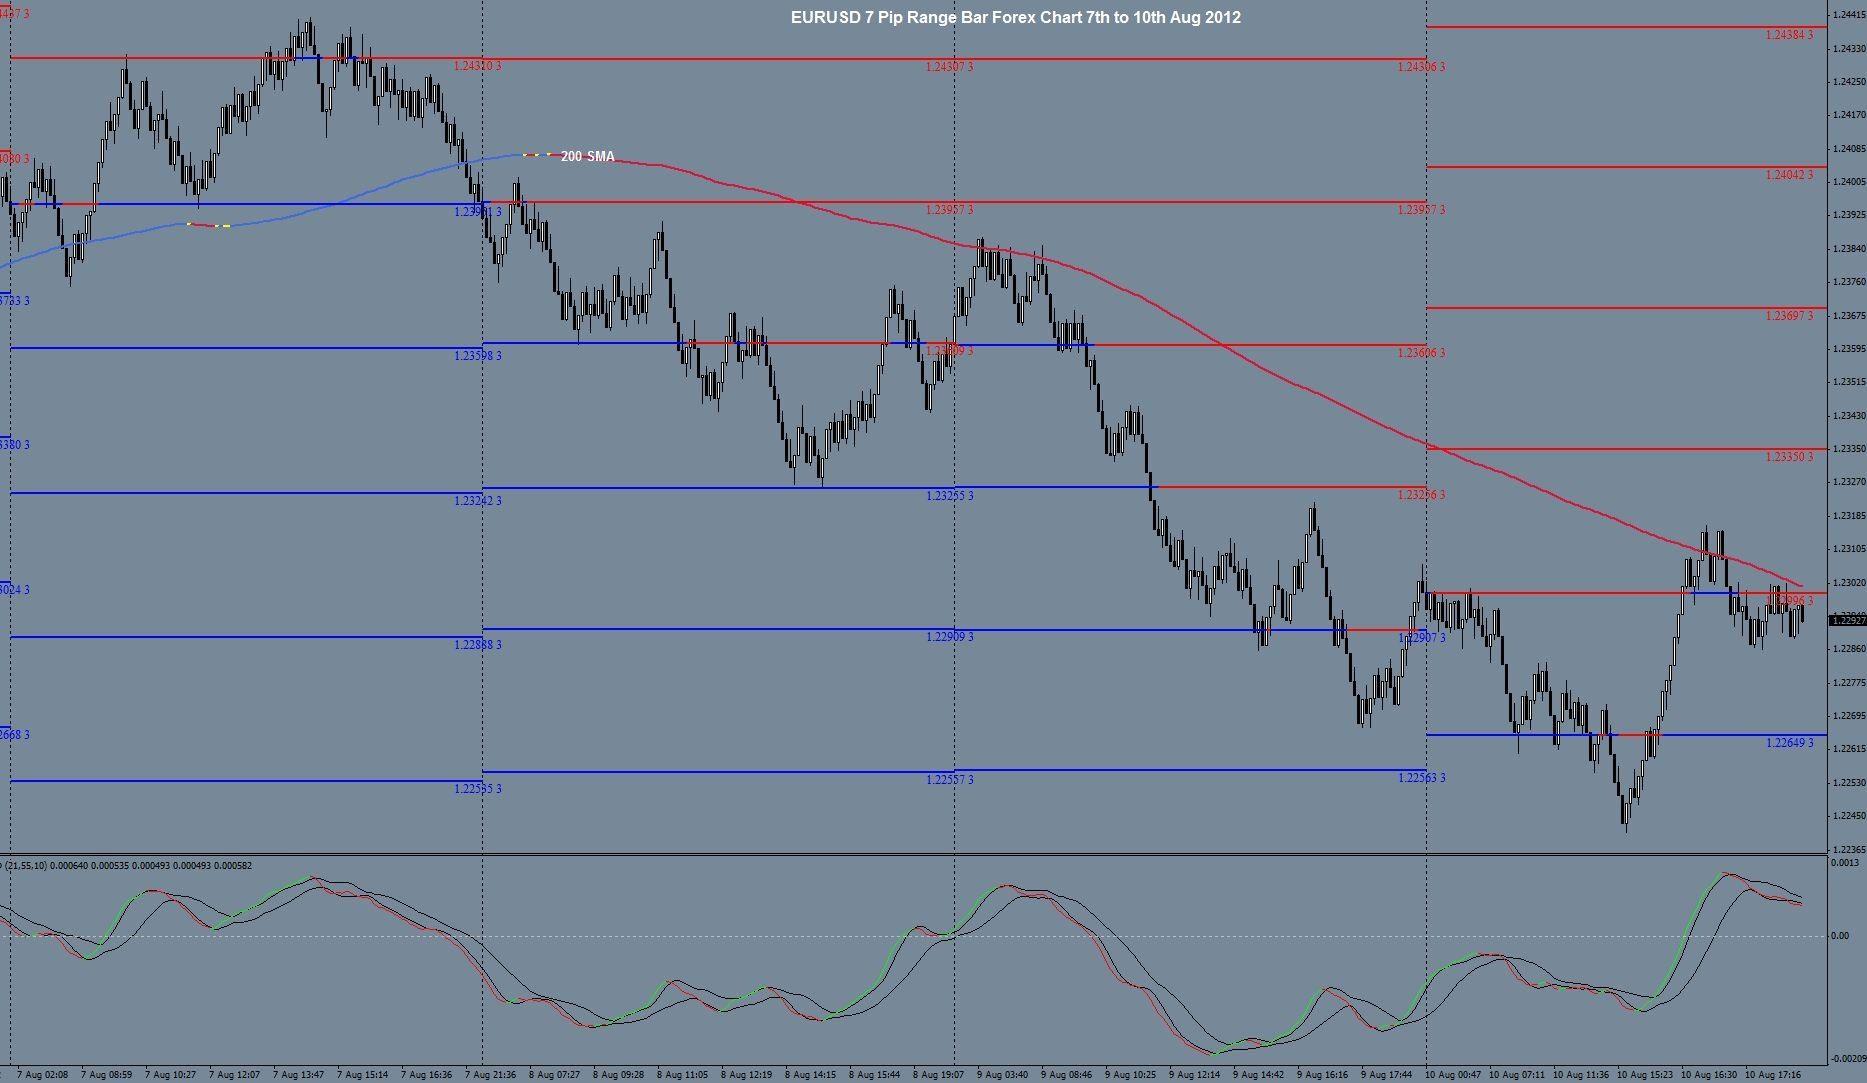 EURUSD 7 Pip Range Bar Forex Chart 7th to 10th Aug 2012 ...